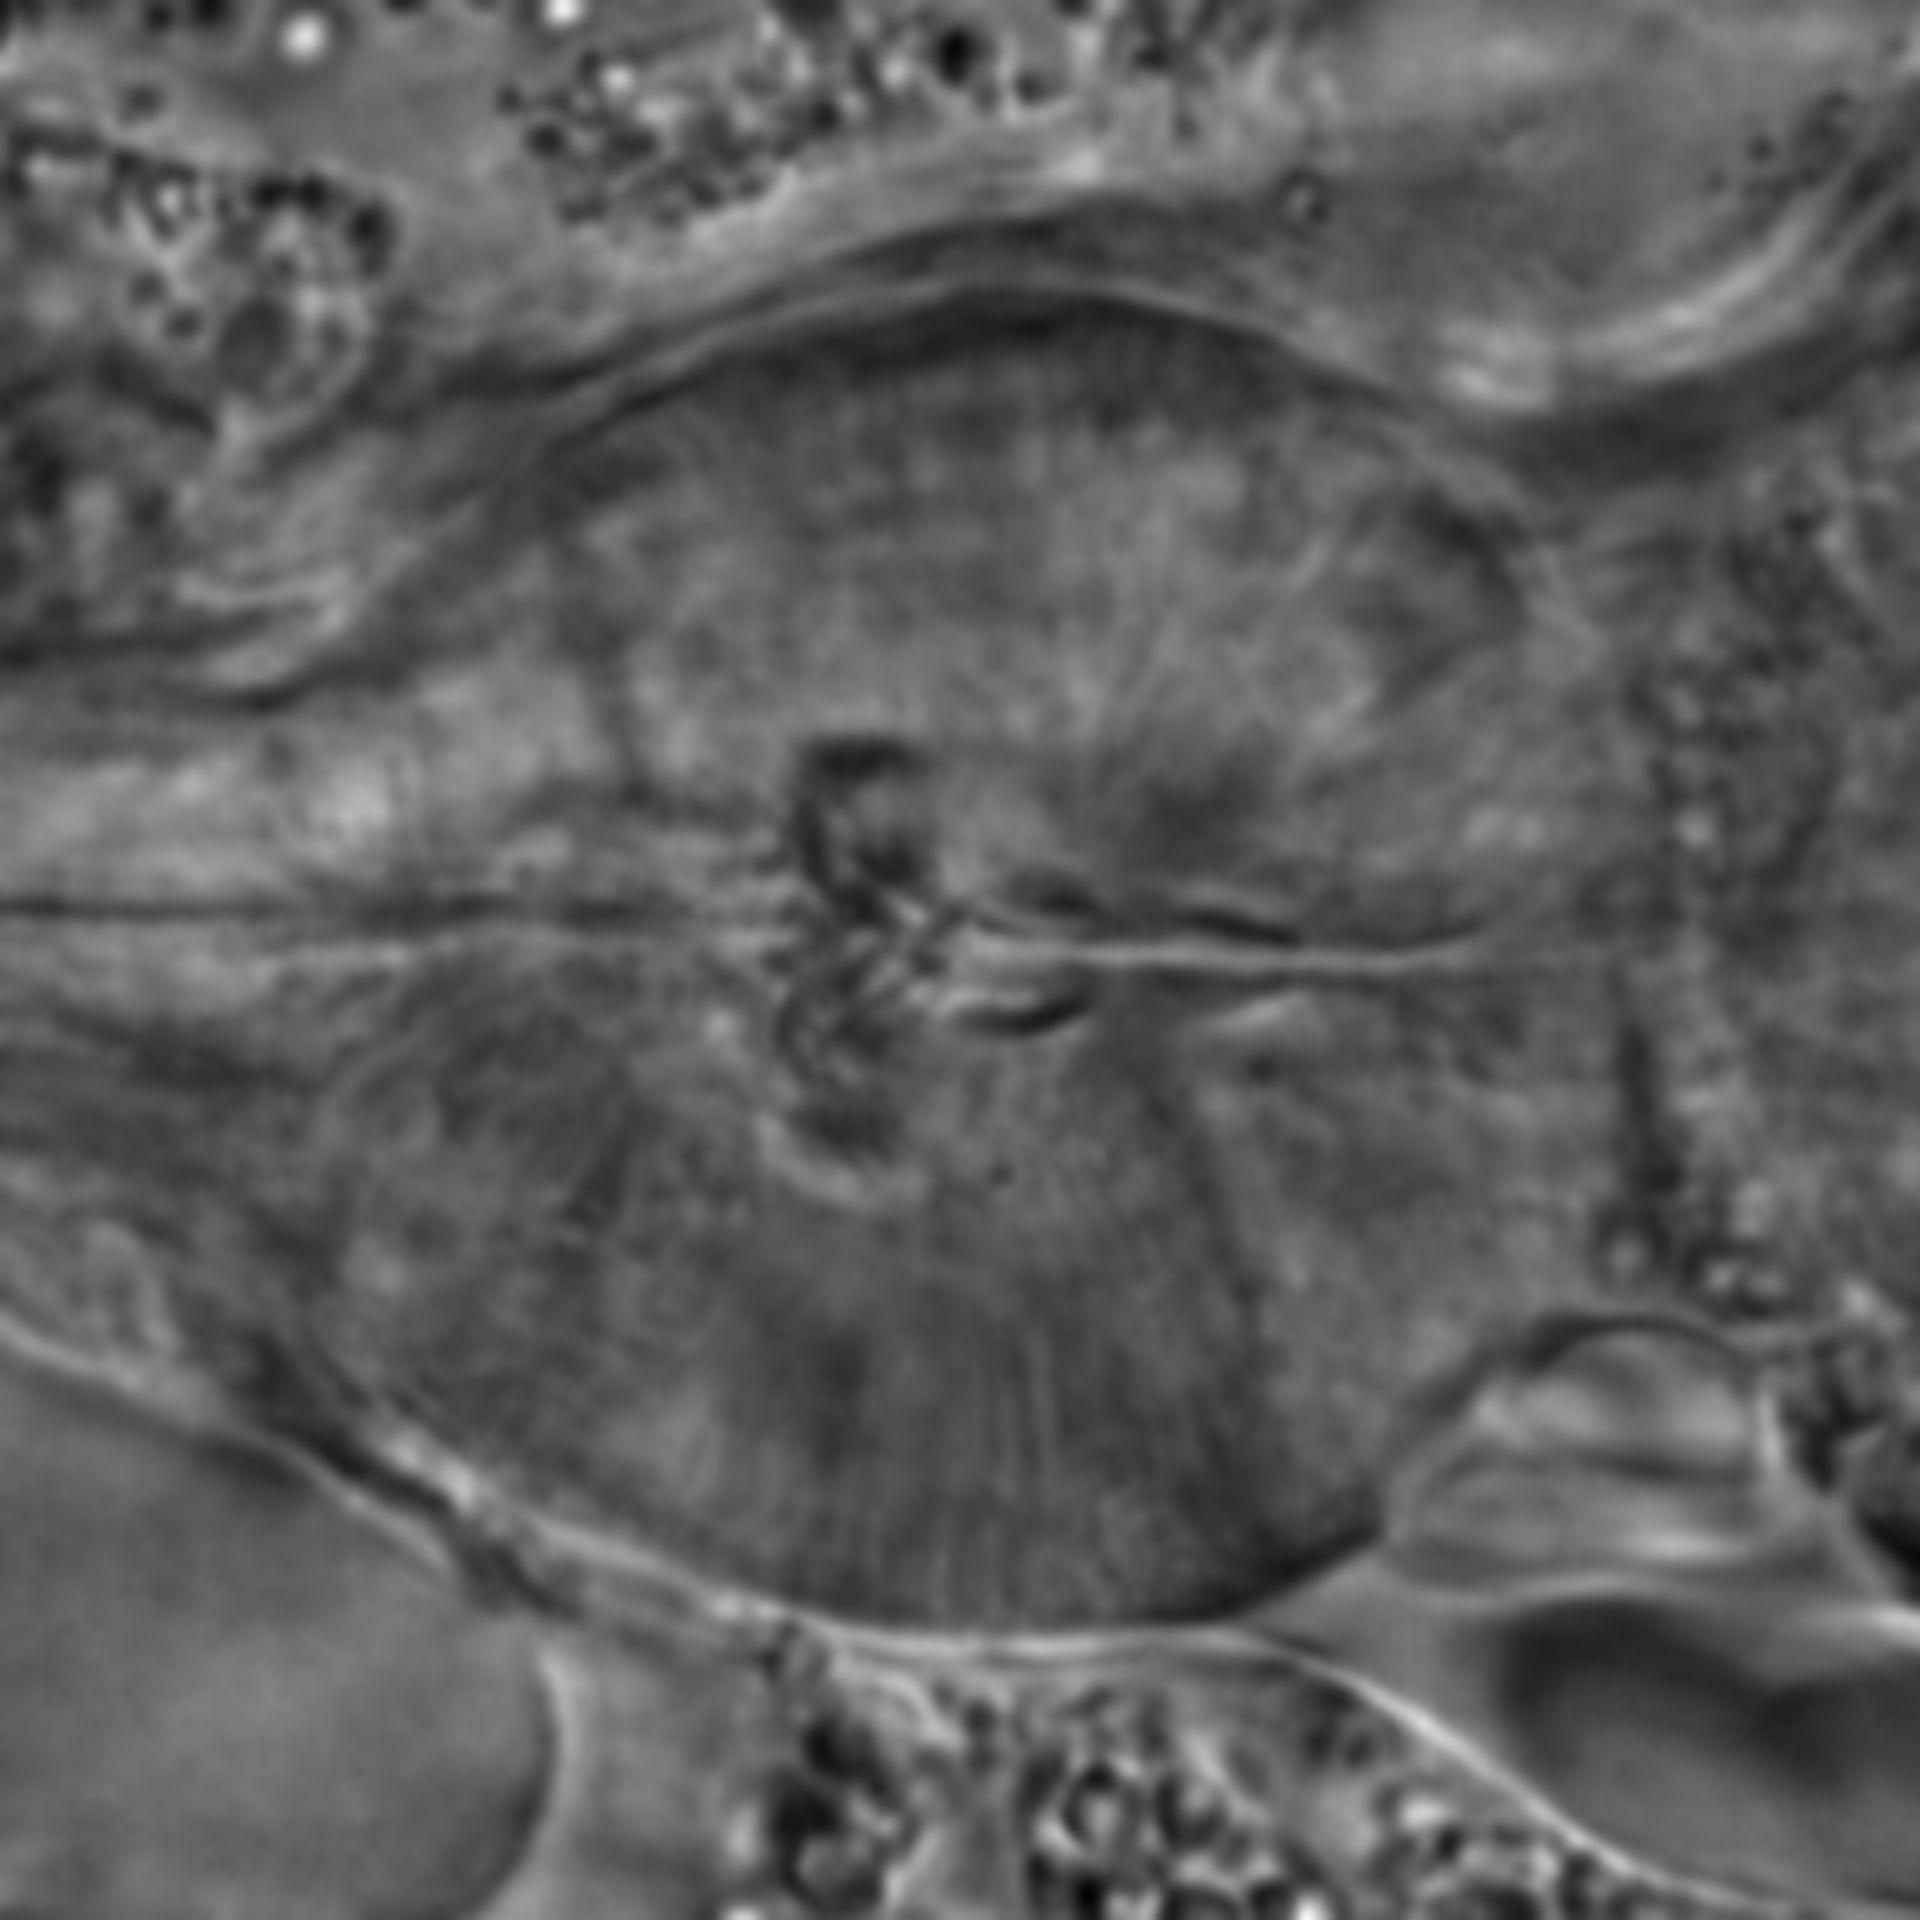 Caenorhabditis elegans - CIL:1694